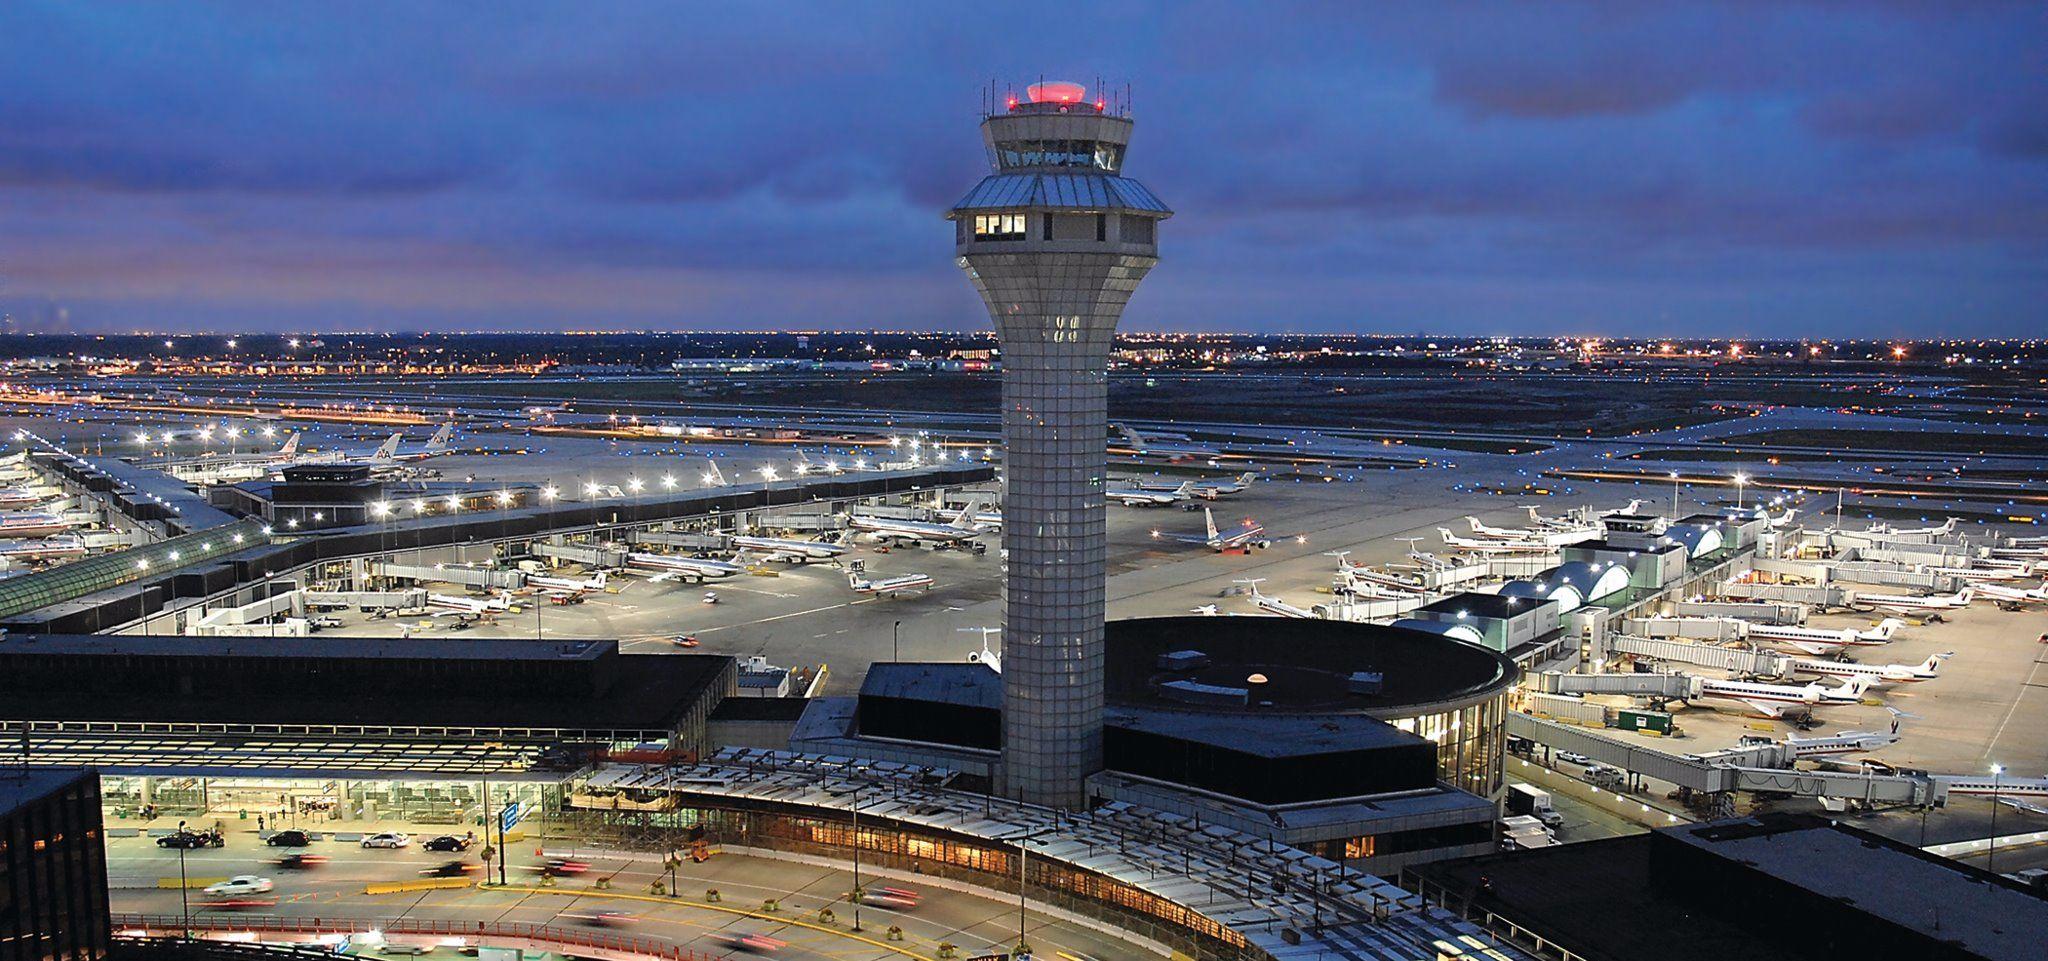 Chicago O'Hare International Airport Bonds